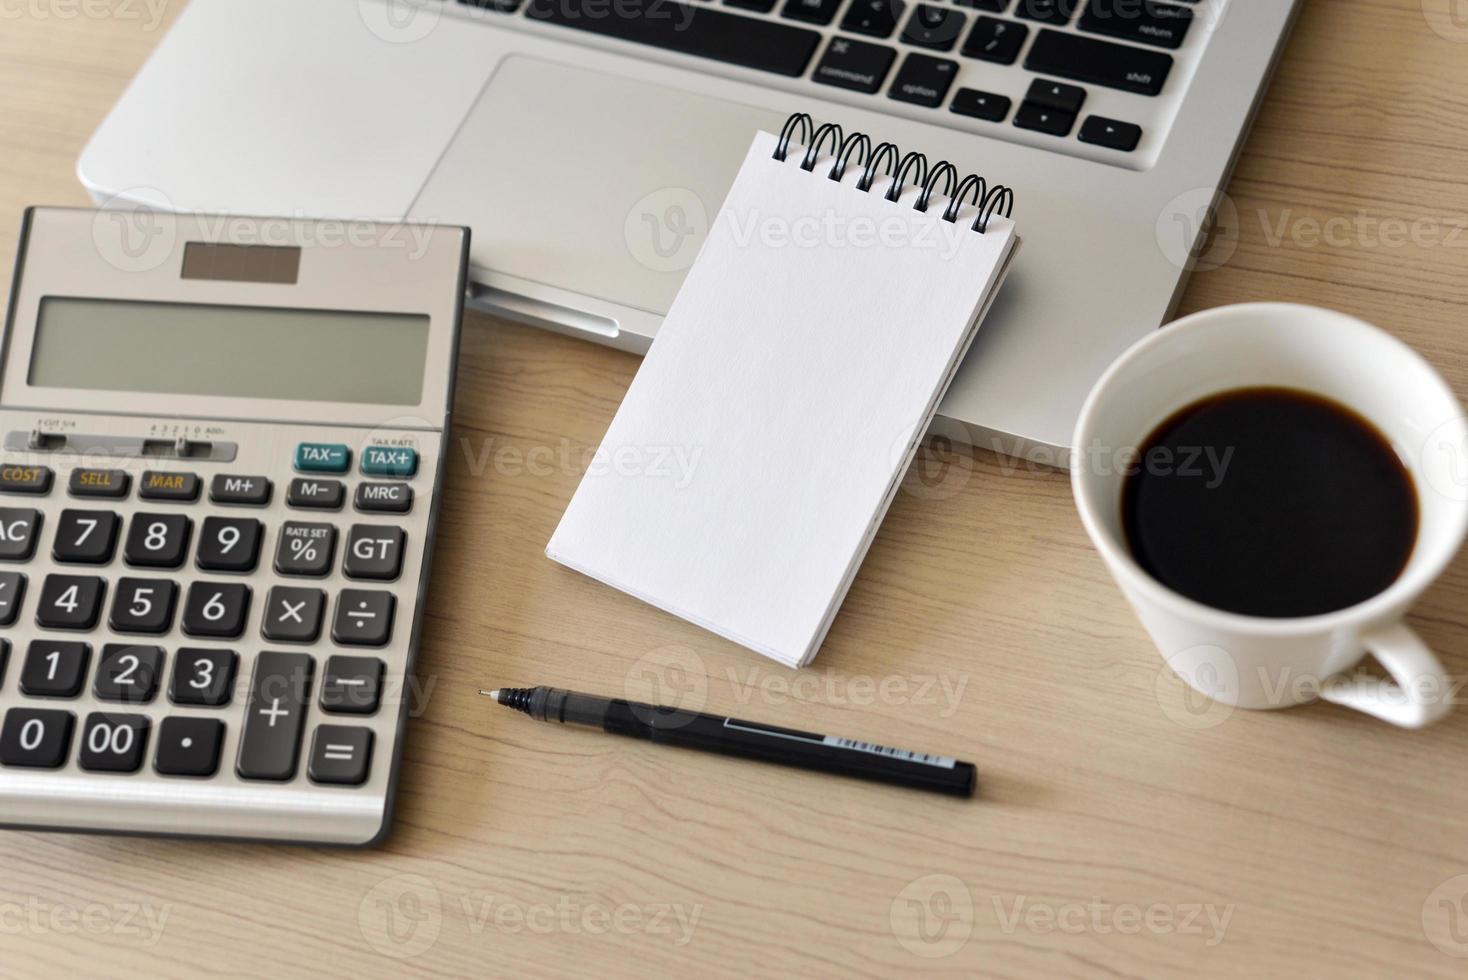 cuaderno de notas en blanco, calculadora, computadora, bolígrafo sobre la mesa foto